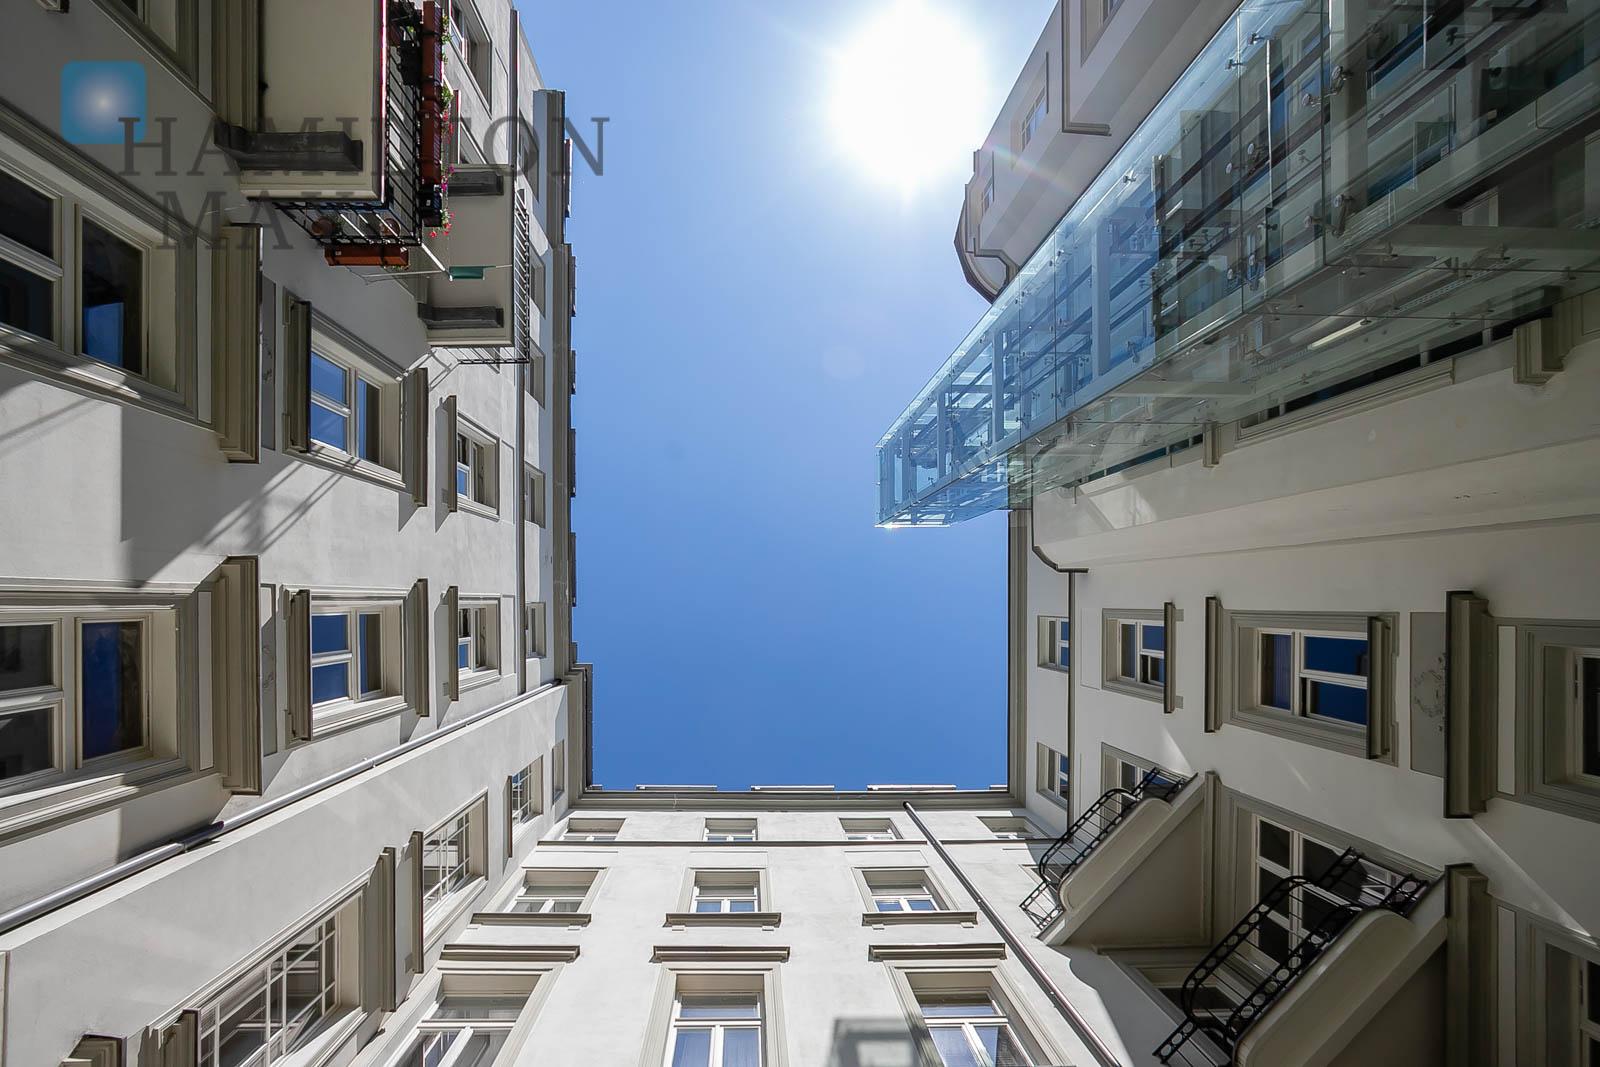 Wyjątkowy apartament w przedwojennej kamienicy Warszawa na sprzedaż